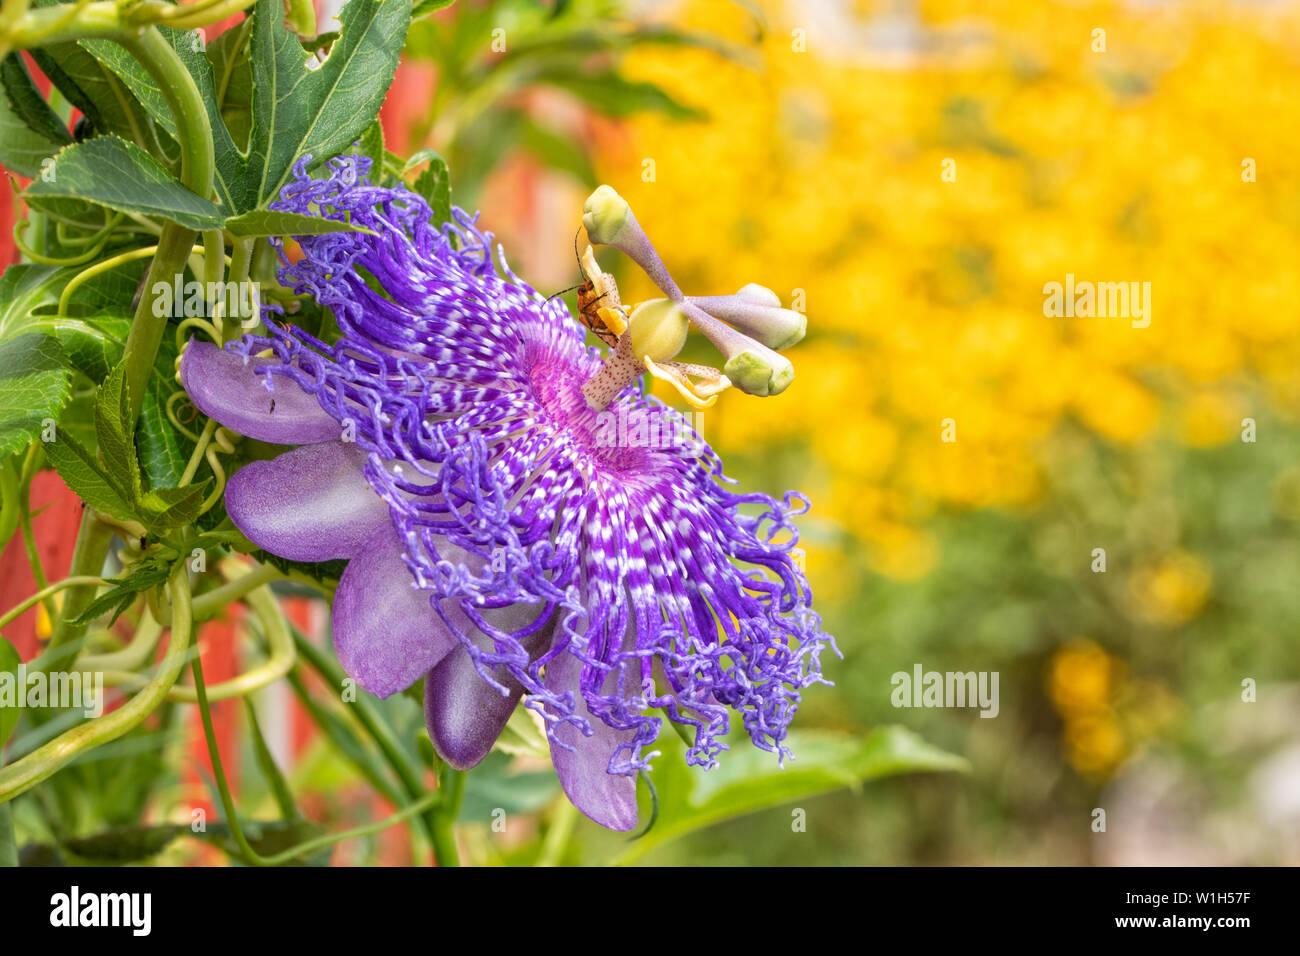 Hermoso púrpura Passionflower, la planta huésped para el Golfo Speyeria orugas de mariposas, florece en verano soleado jardín Foto de stock